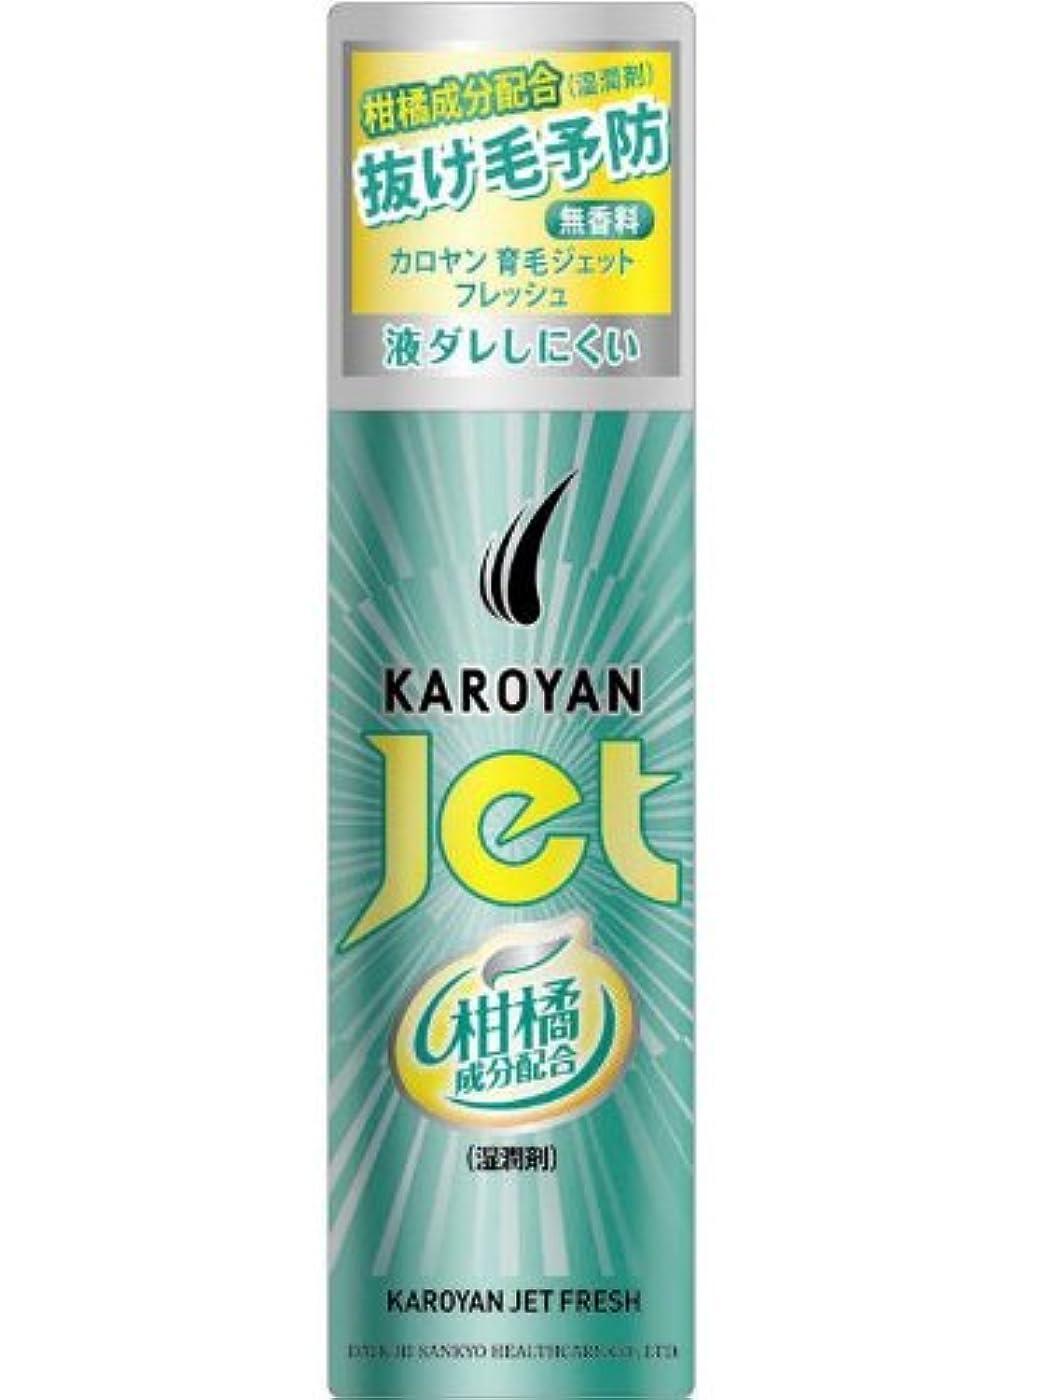 ヒープ火山共同選択カロヤン ジェット 無香料フレッシュ 185g 【医薬部外品】